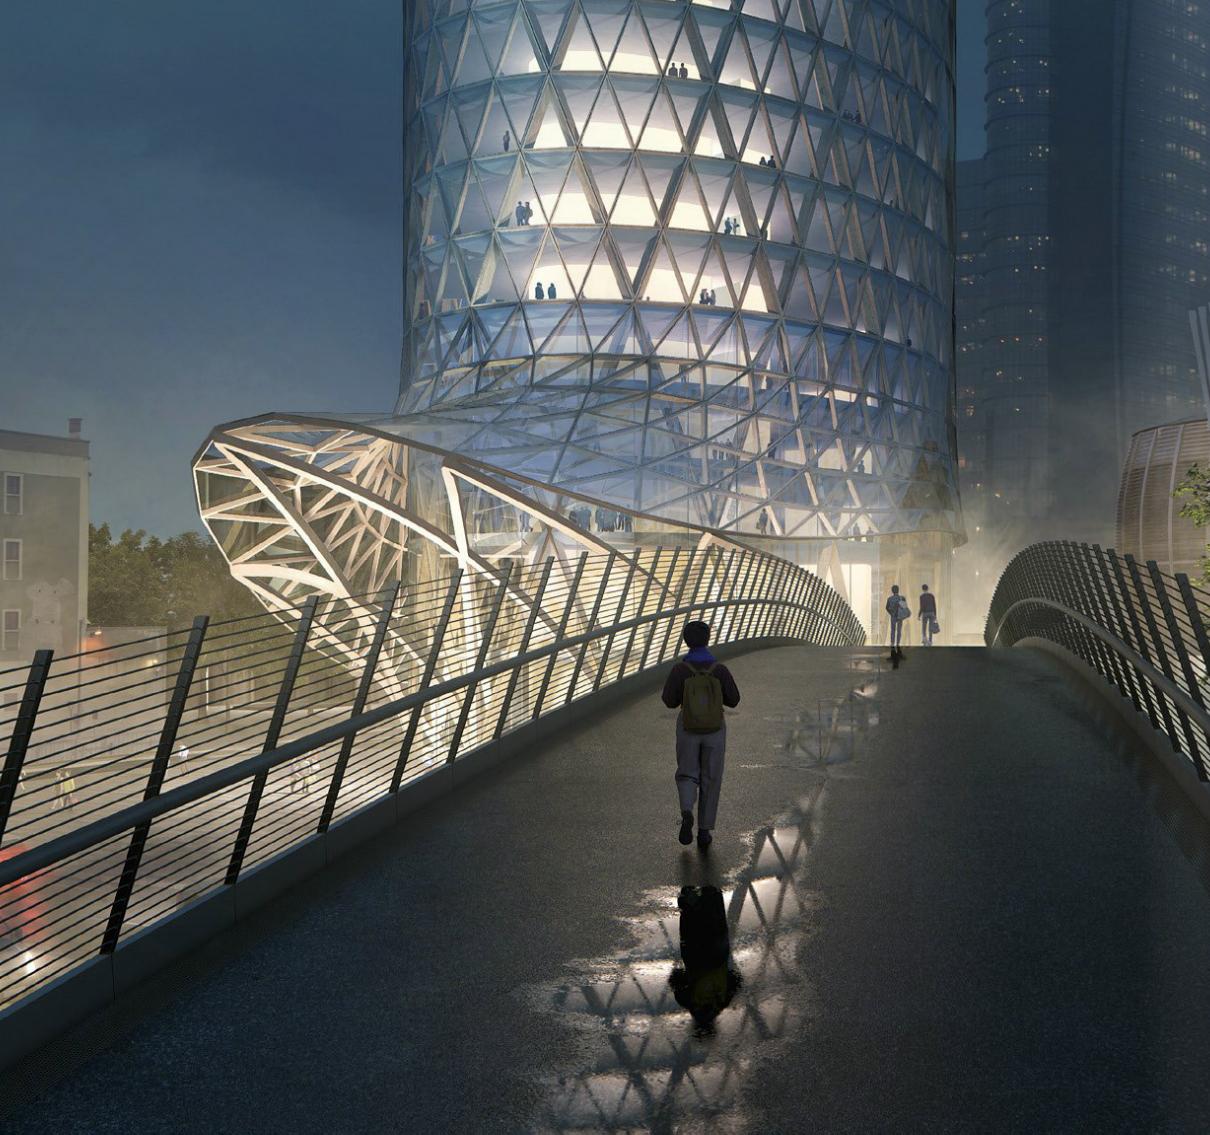 Milano porta nuova torre unipolsai la torre - Uffici gtt porta nuova ...